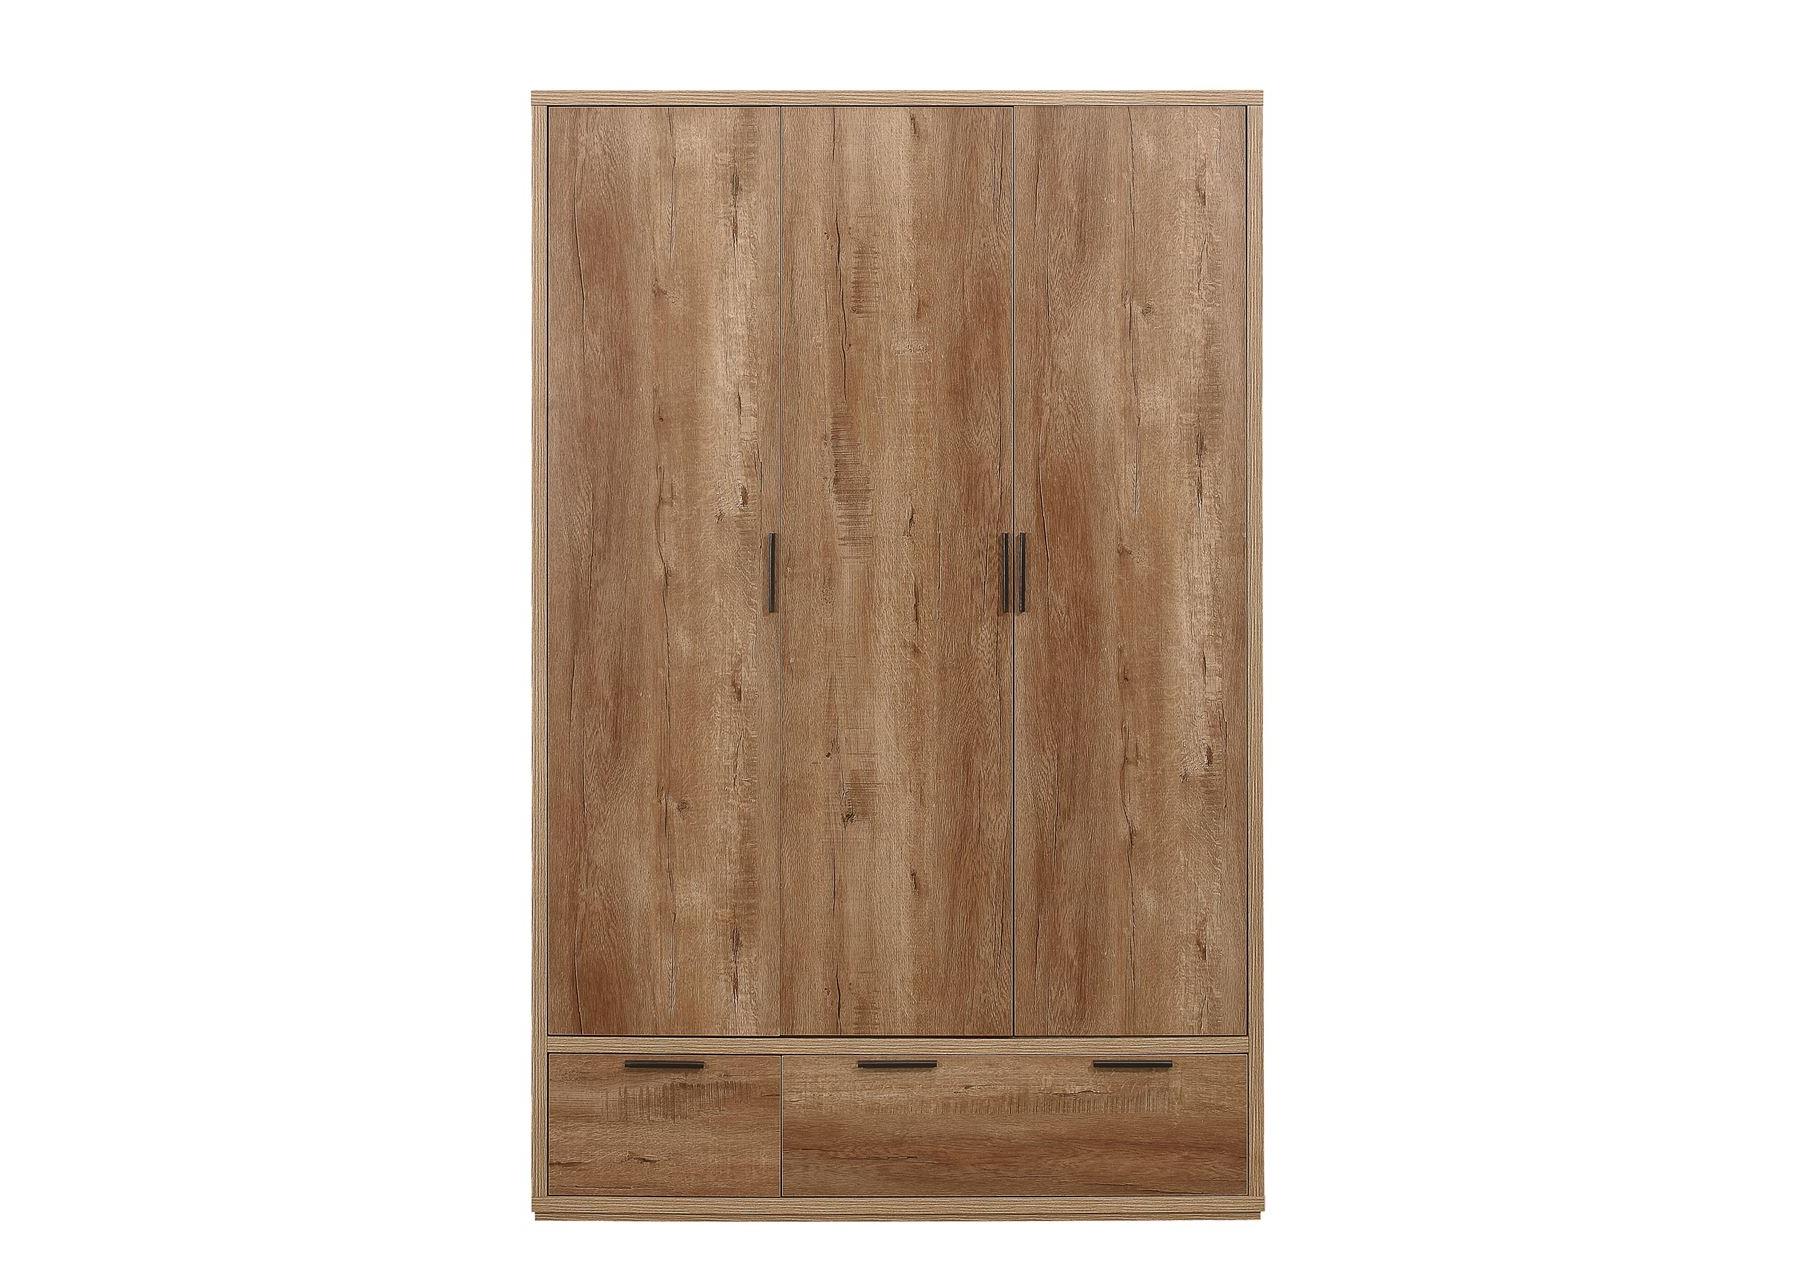 Details About Birlea Stockwell Rustic Oak 3 Door 2 Drawer Wardrobe Urban  Industrial Design With Malibu 2 Door 4 Drawer Sideboards (View 5 of 20)